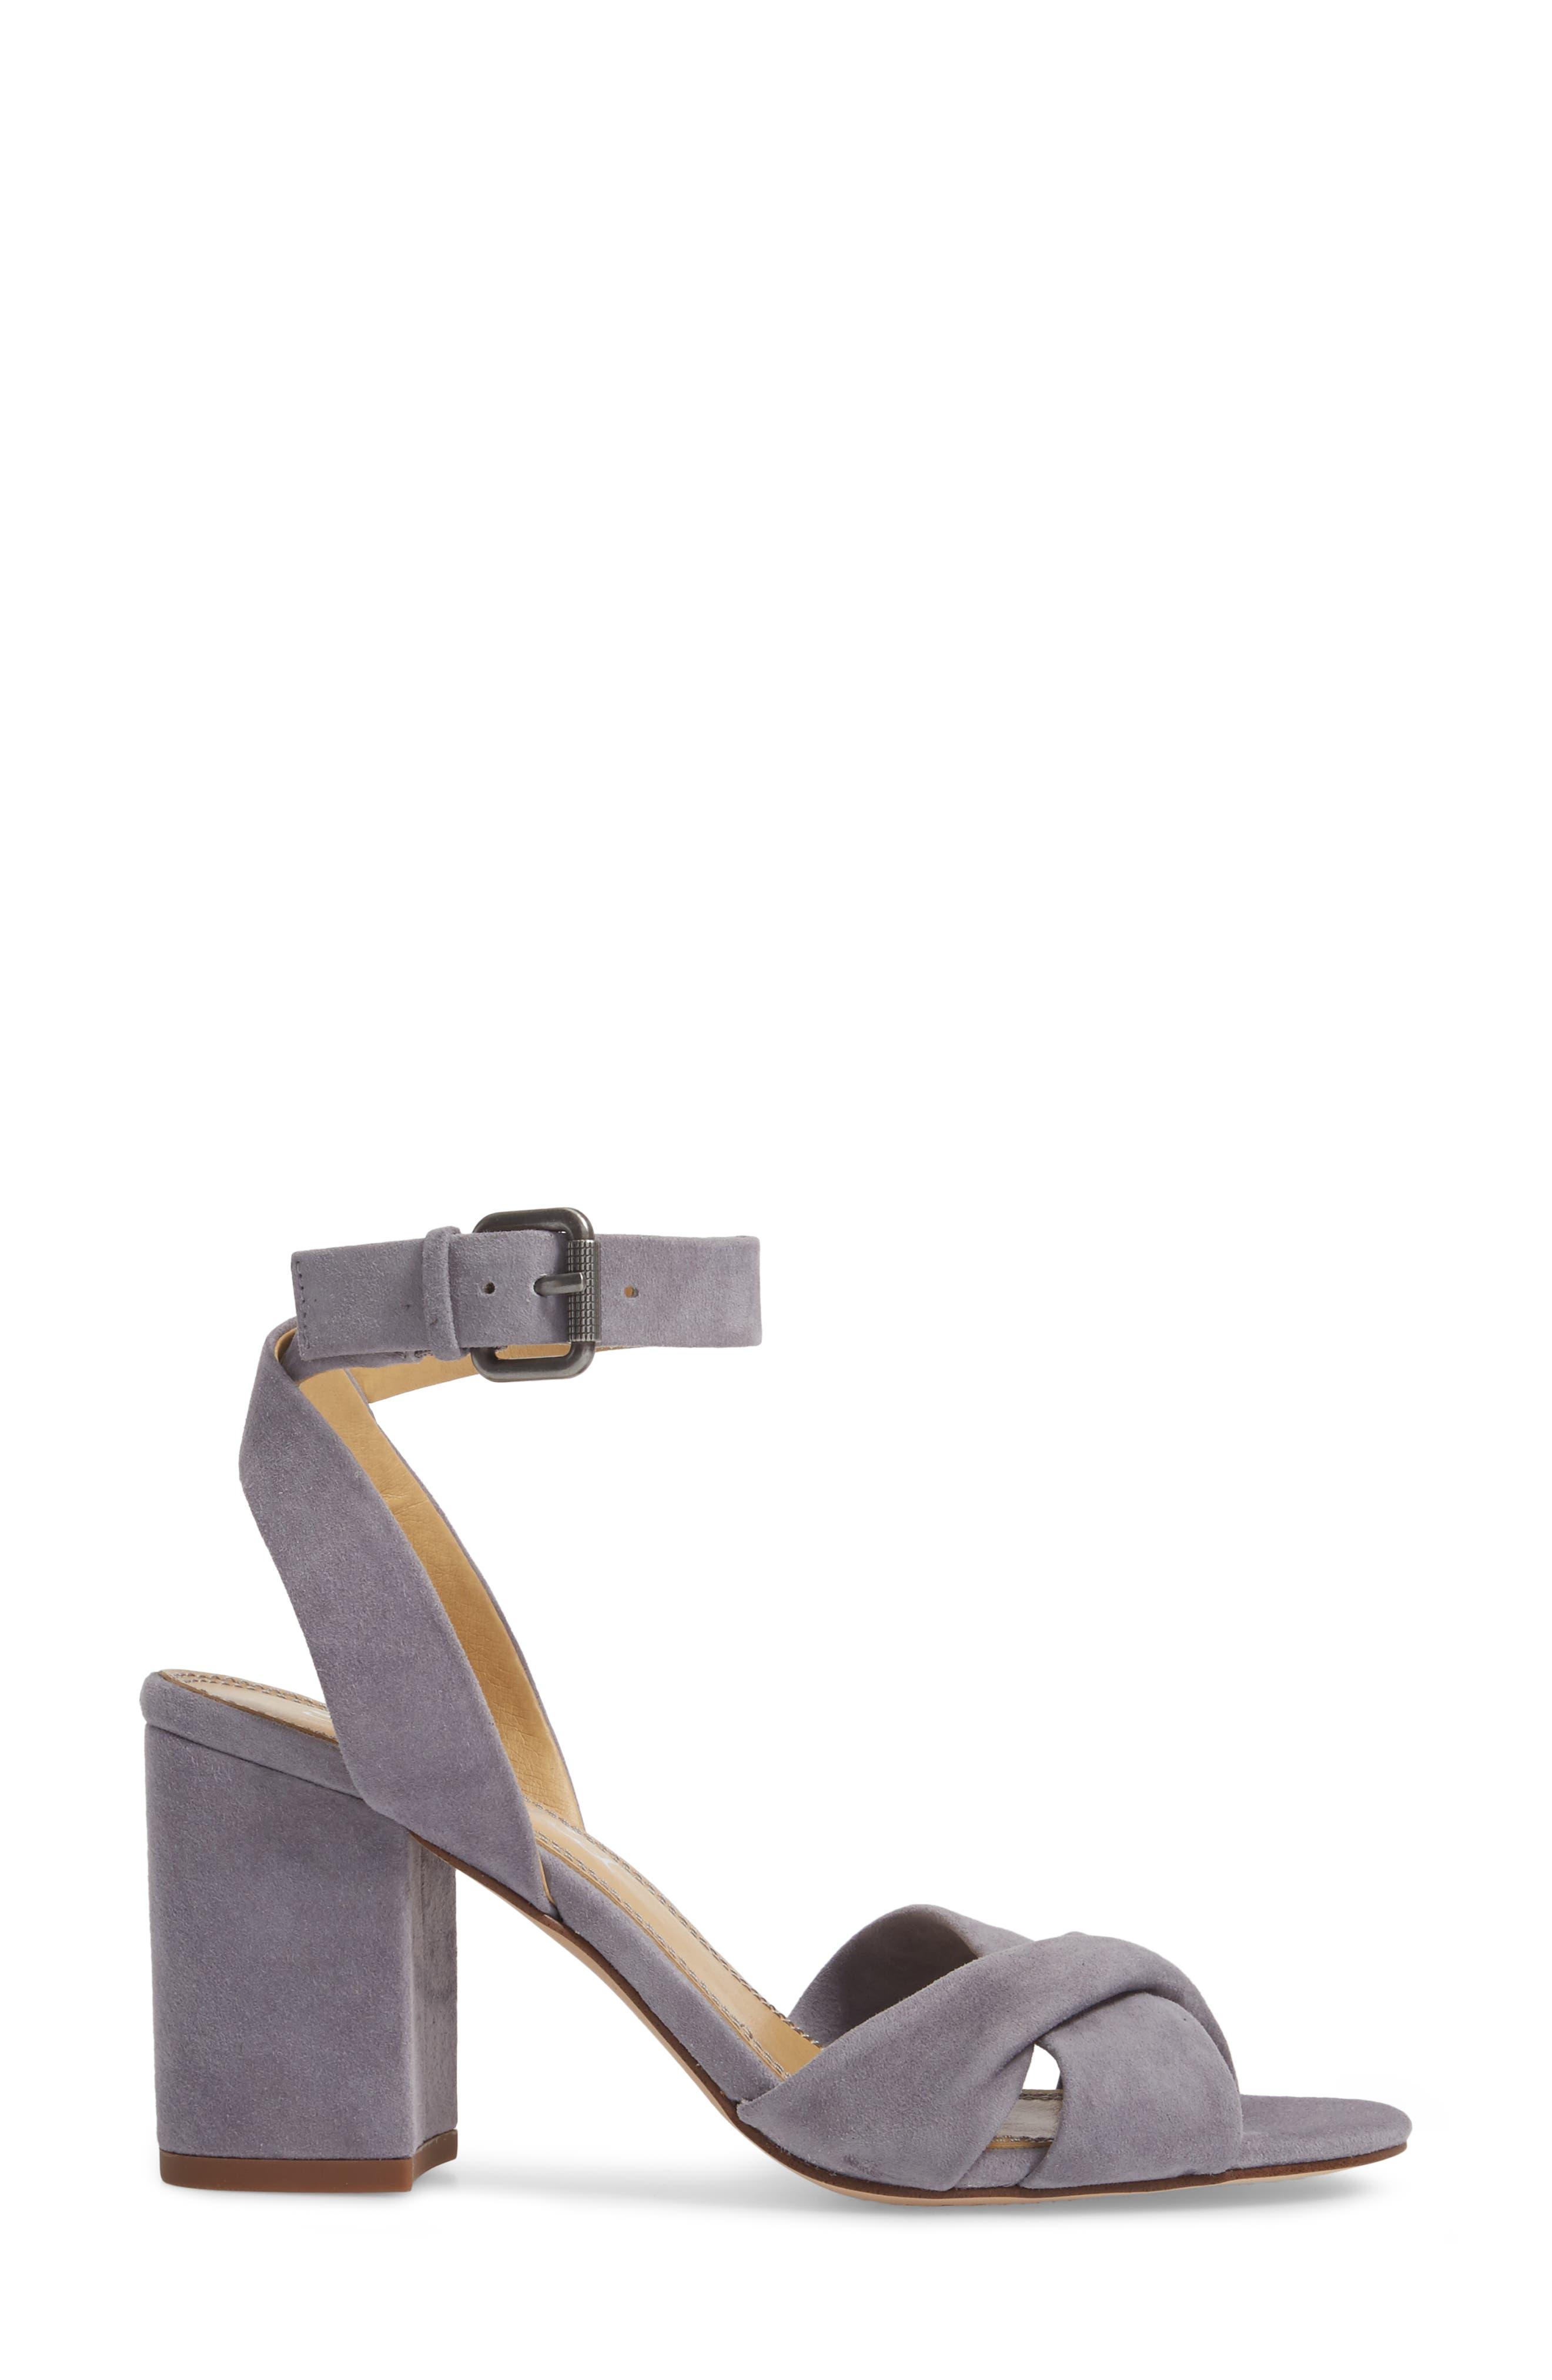 Fairy Block Heel Sandal,                             Alternate thumbnail 3, color,                             STEEL GREY SUEDE